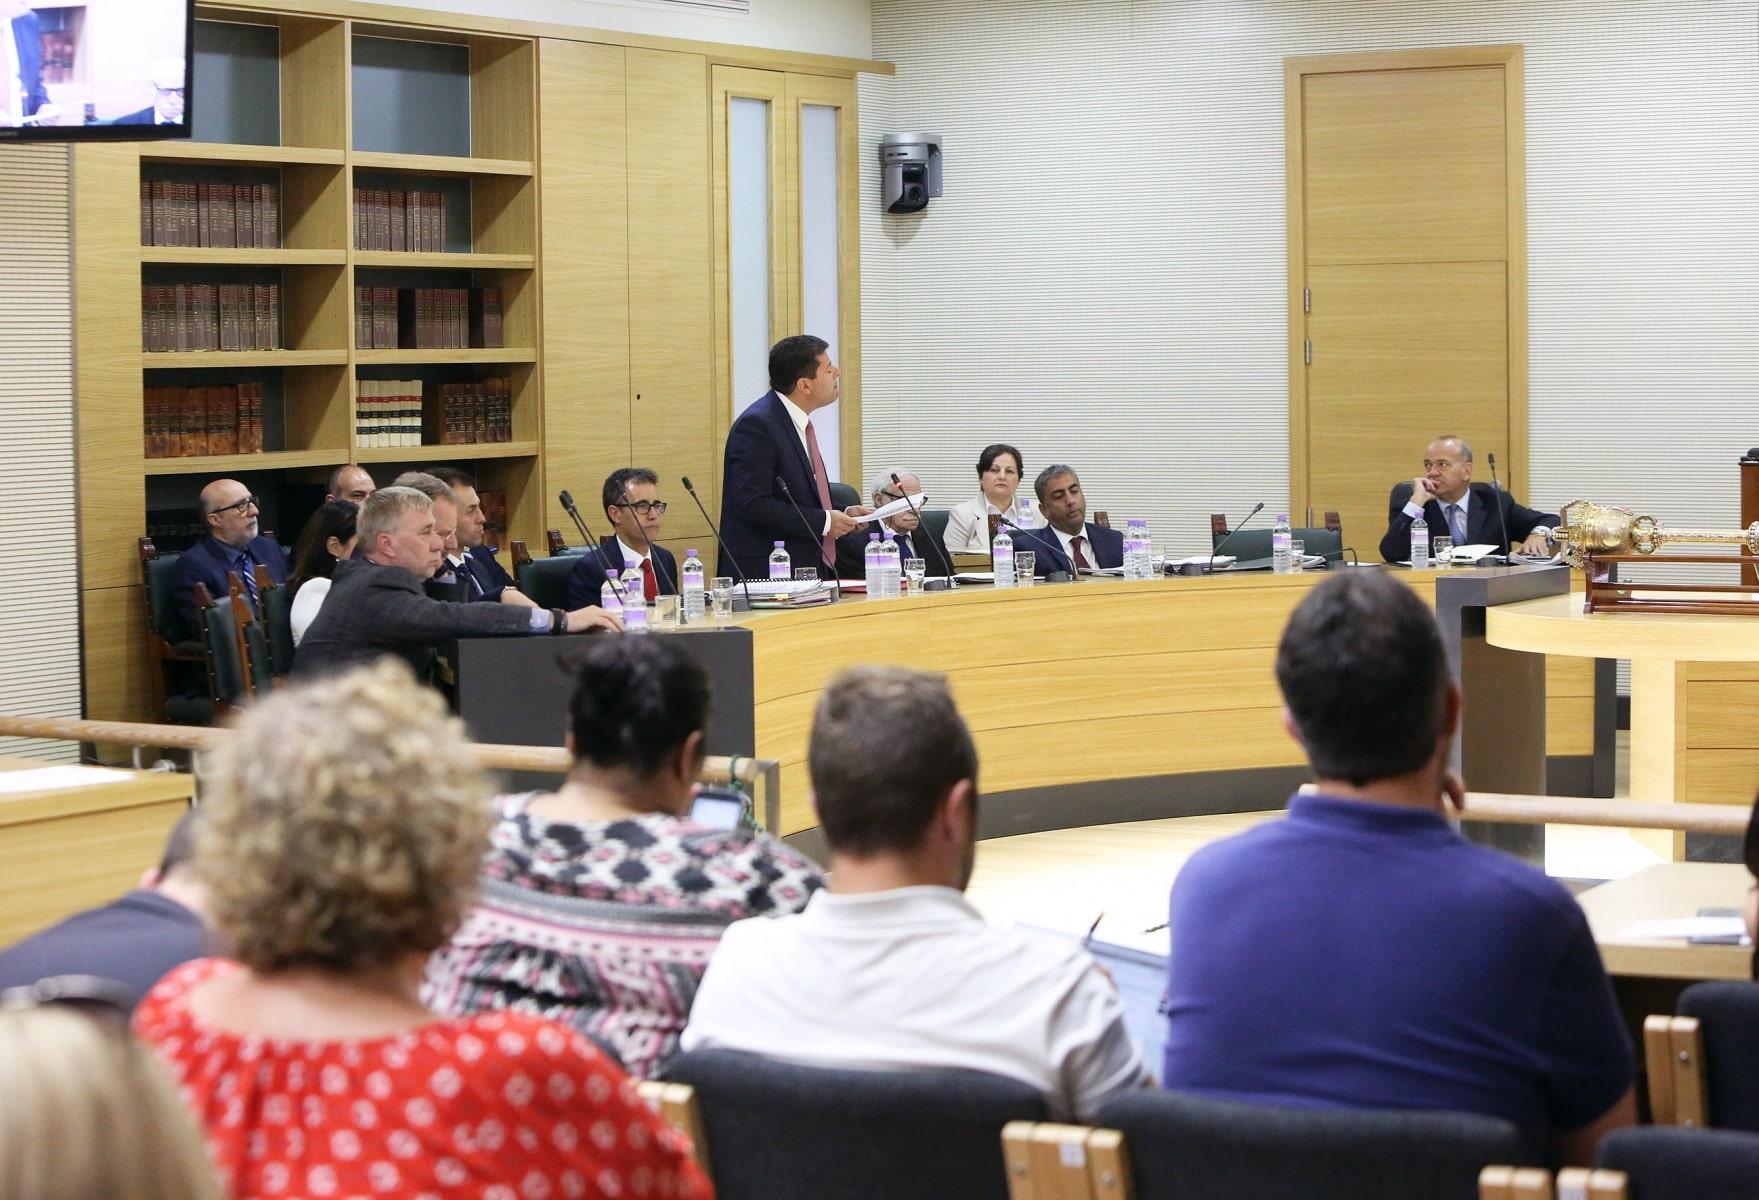 24-jun-2016-comparecencia-de-fabin-picardo-en-el-parlamento-de-gibraltar-tras-referndum-permanencia-ru-en-ue-2_27777751542_o